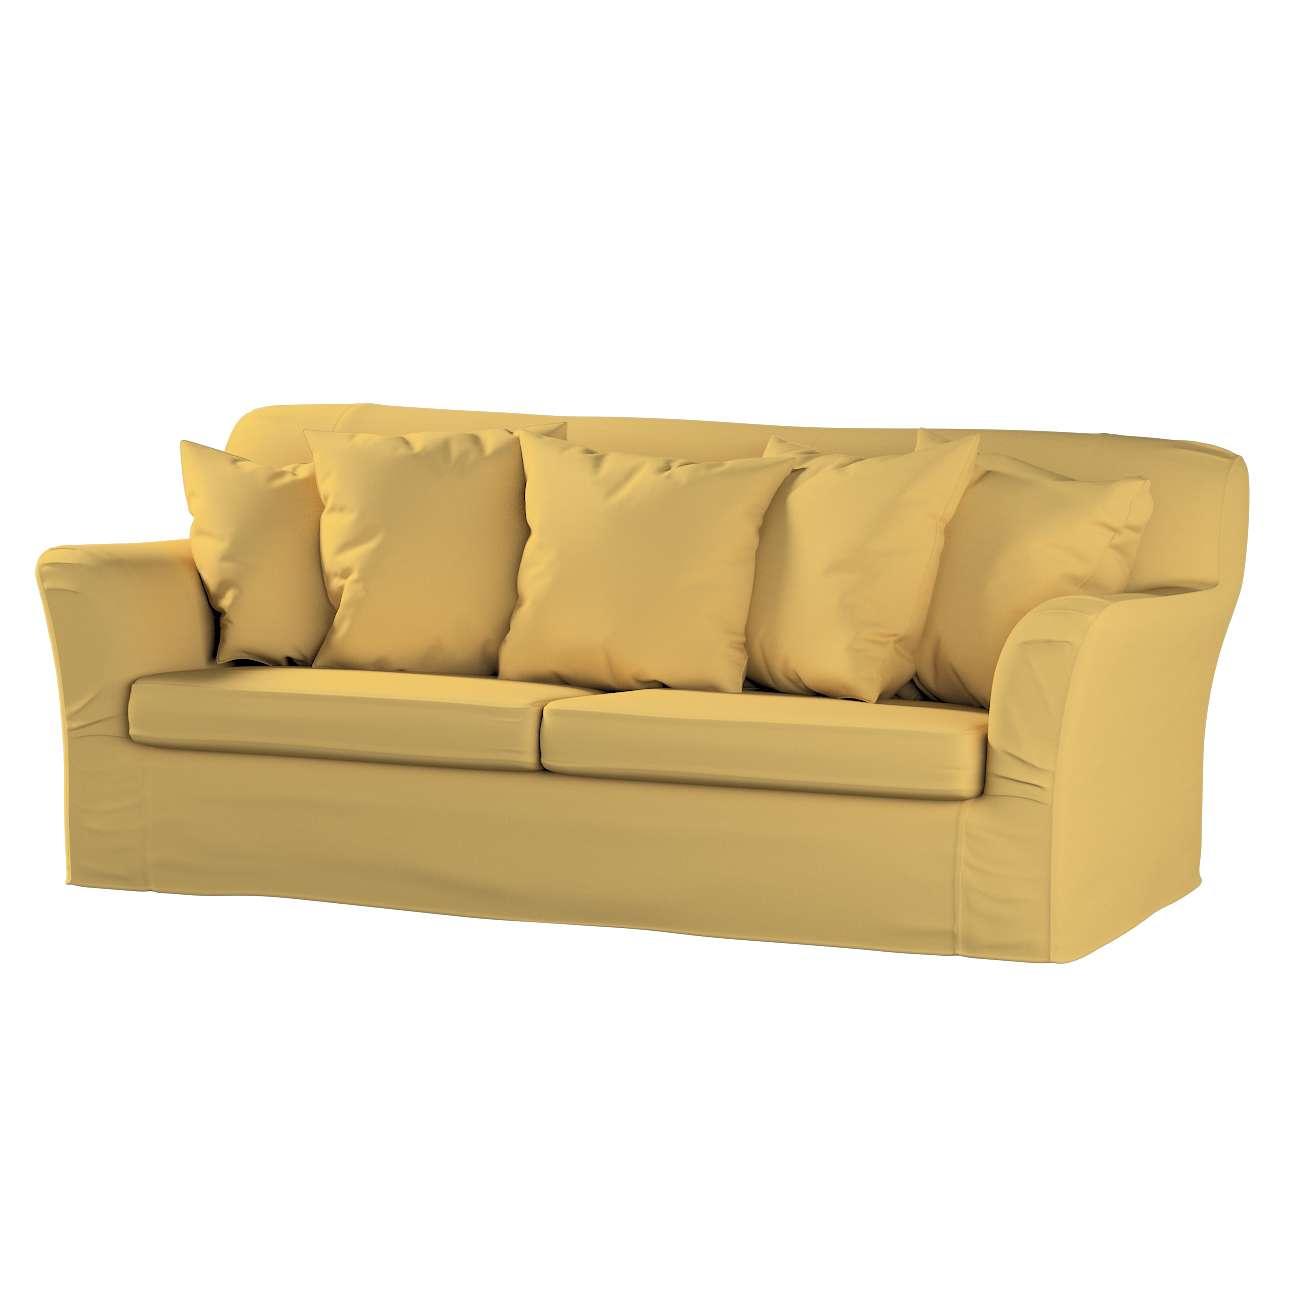 Pokrowiec na sofę Tomelilla 3-osobową rozkładaną w kolekcji Cotton Panama, tkanina: 702-41